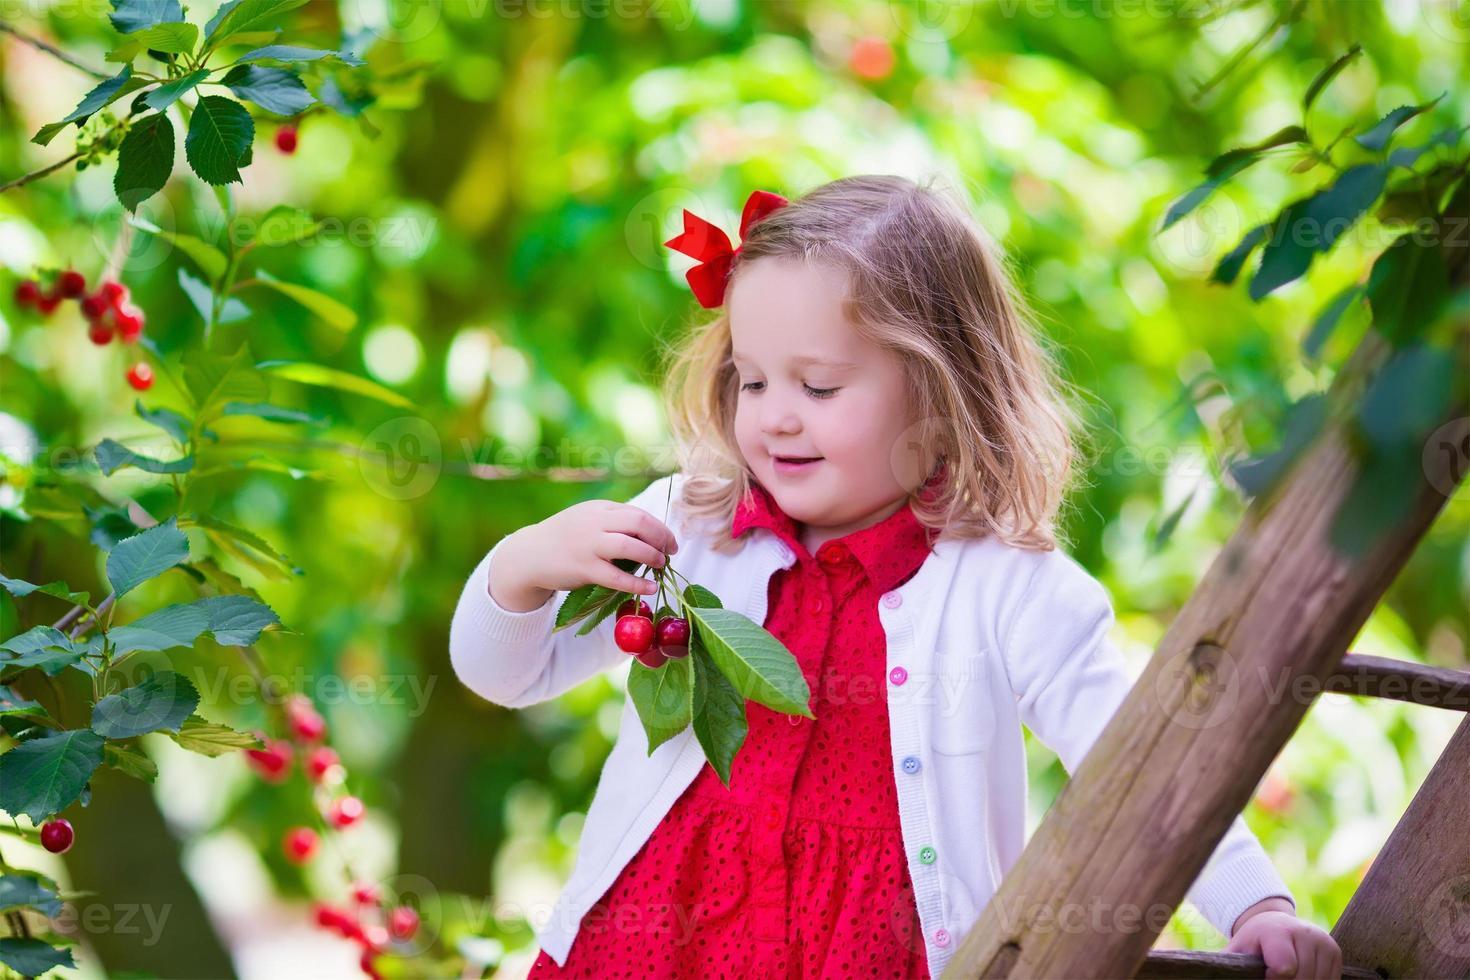 menina bonitinha escolhendo bagas de cereja frescas no jardim foto